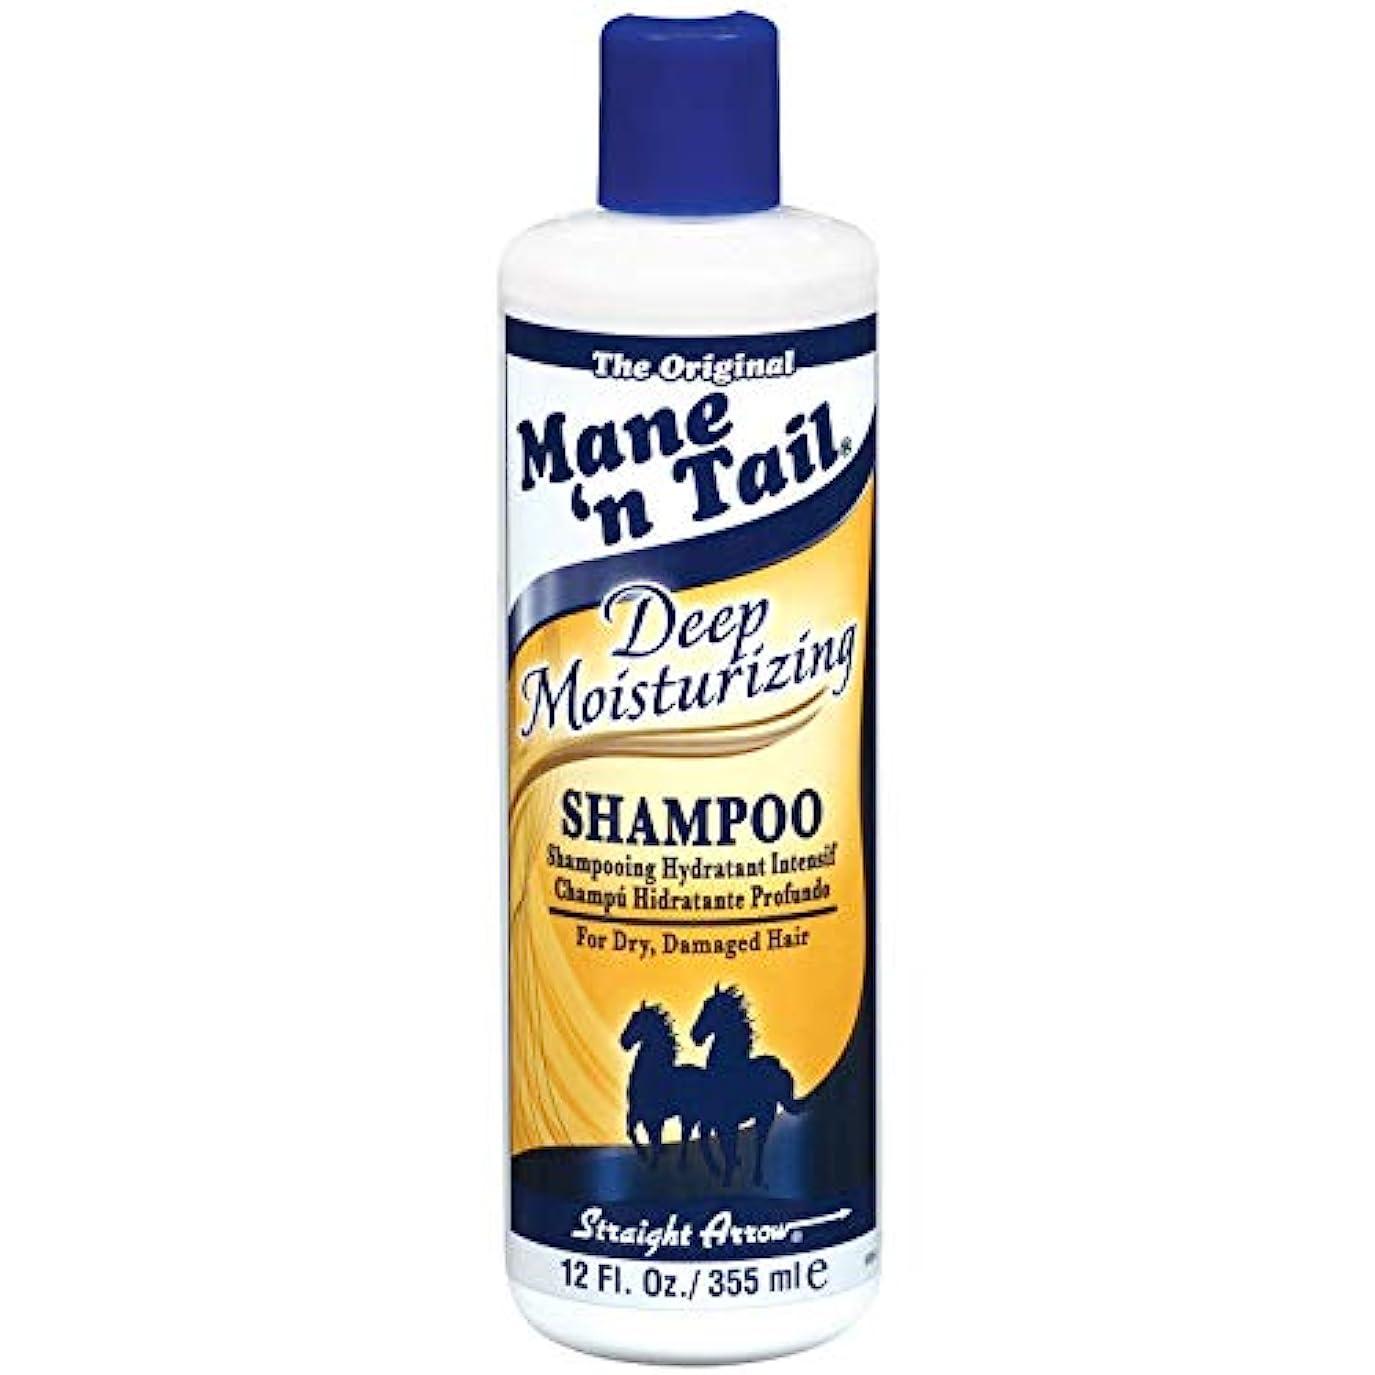 いたずらなポット検出する(馬のたてがみ メインテイル ディープ モイスチャライジング 乾燥髪?傷んだ髪用 シャンプー)Mane'n Tail Deep Moisturizing Shampoo (並行輸入品) [並行輸入品]